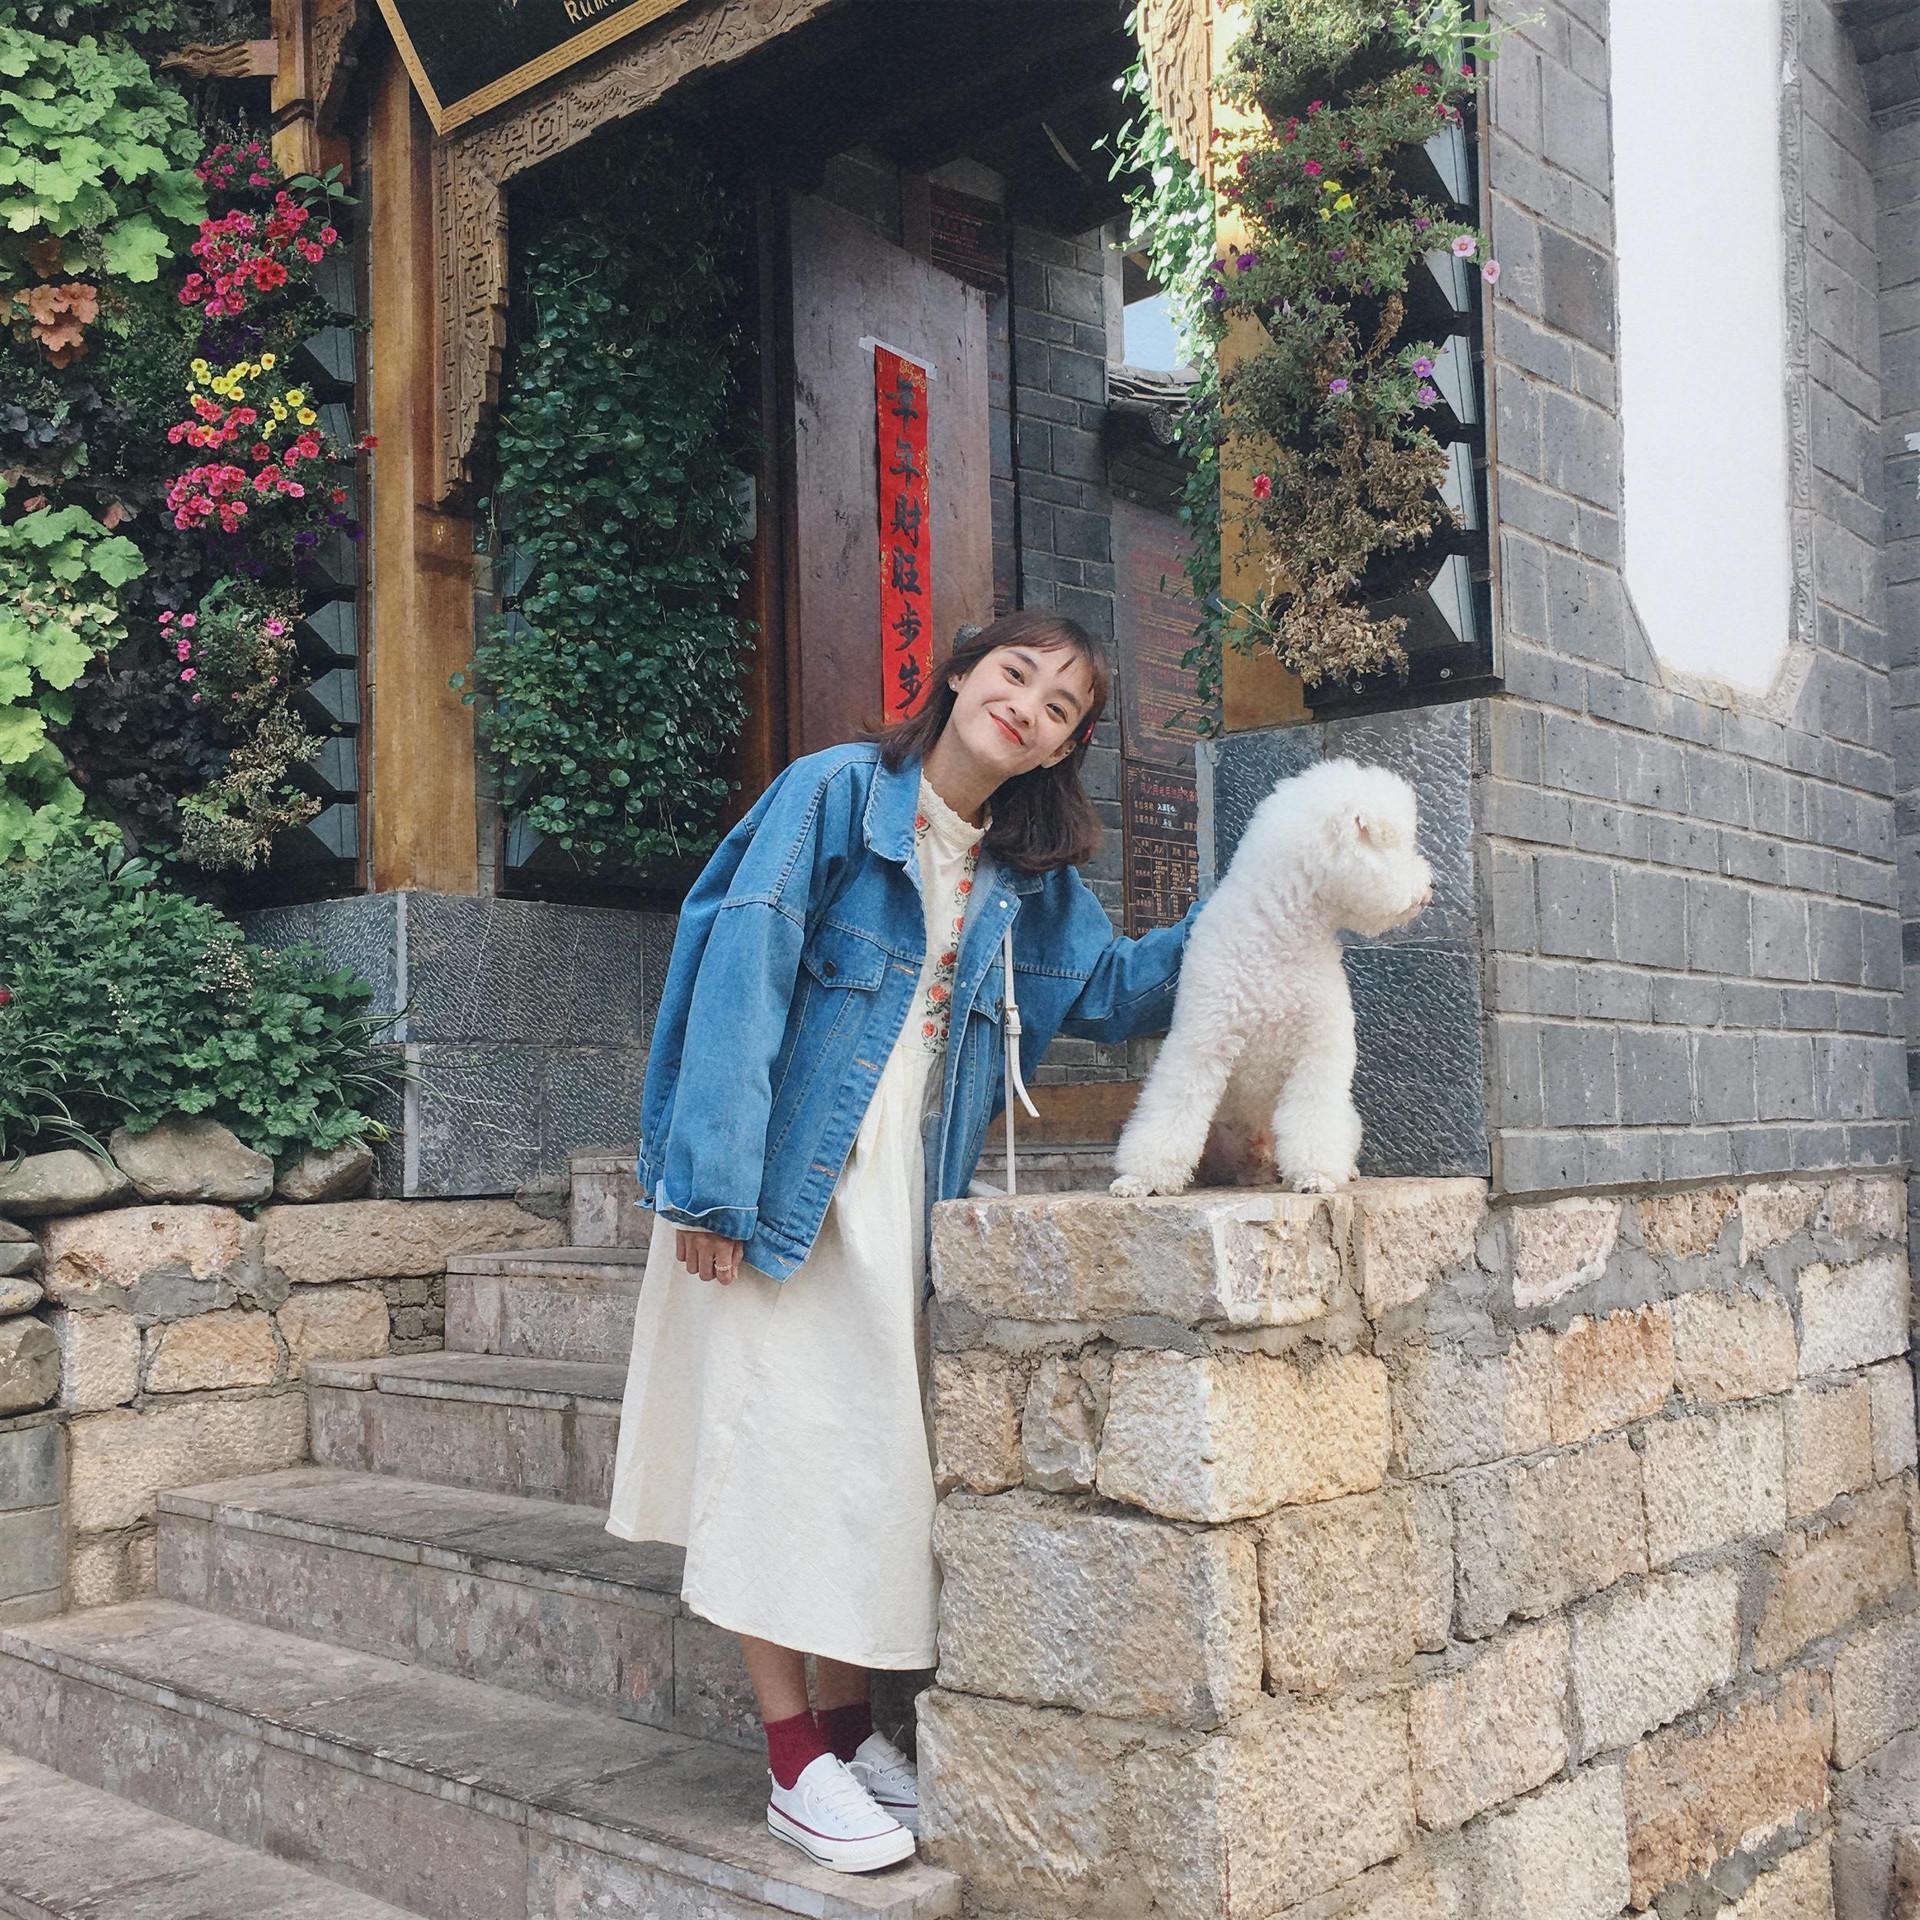 Giải mã sức hút triệu view của cô nàng du học sinh Trung Quốc - 4